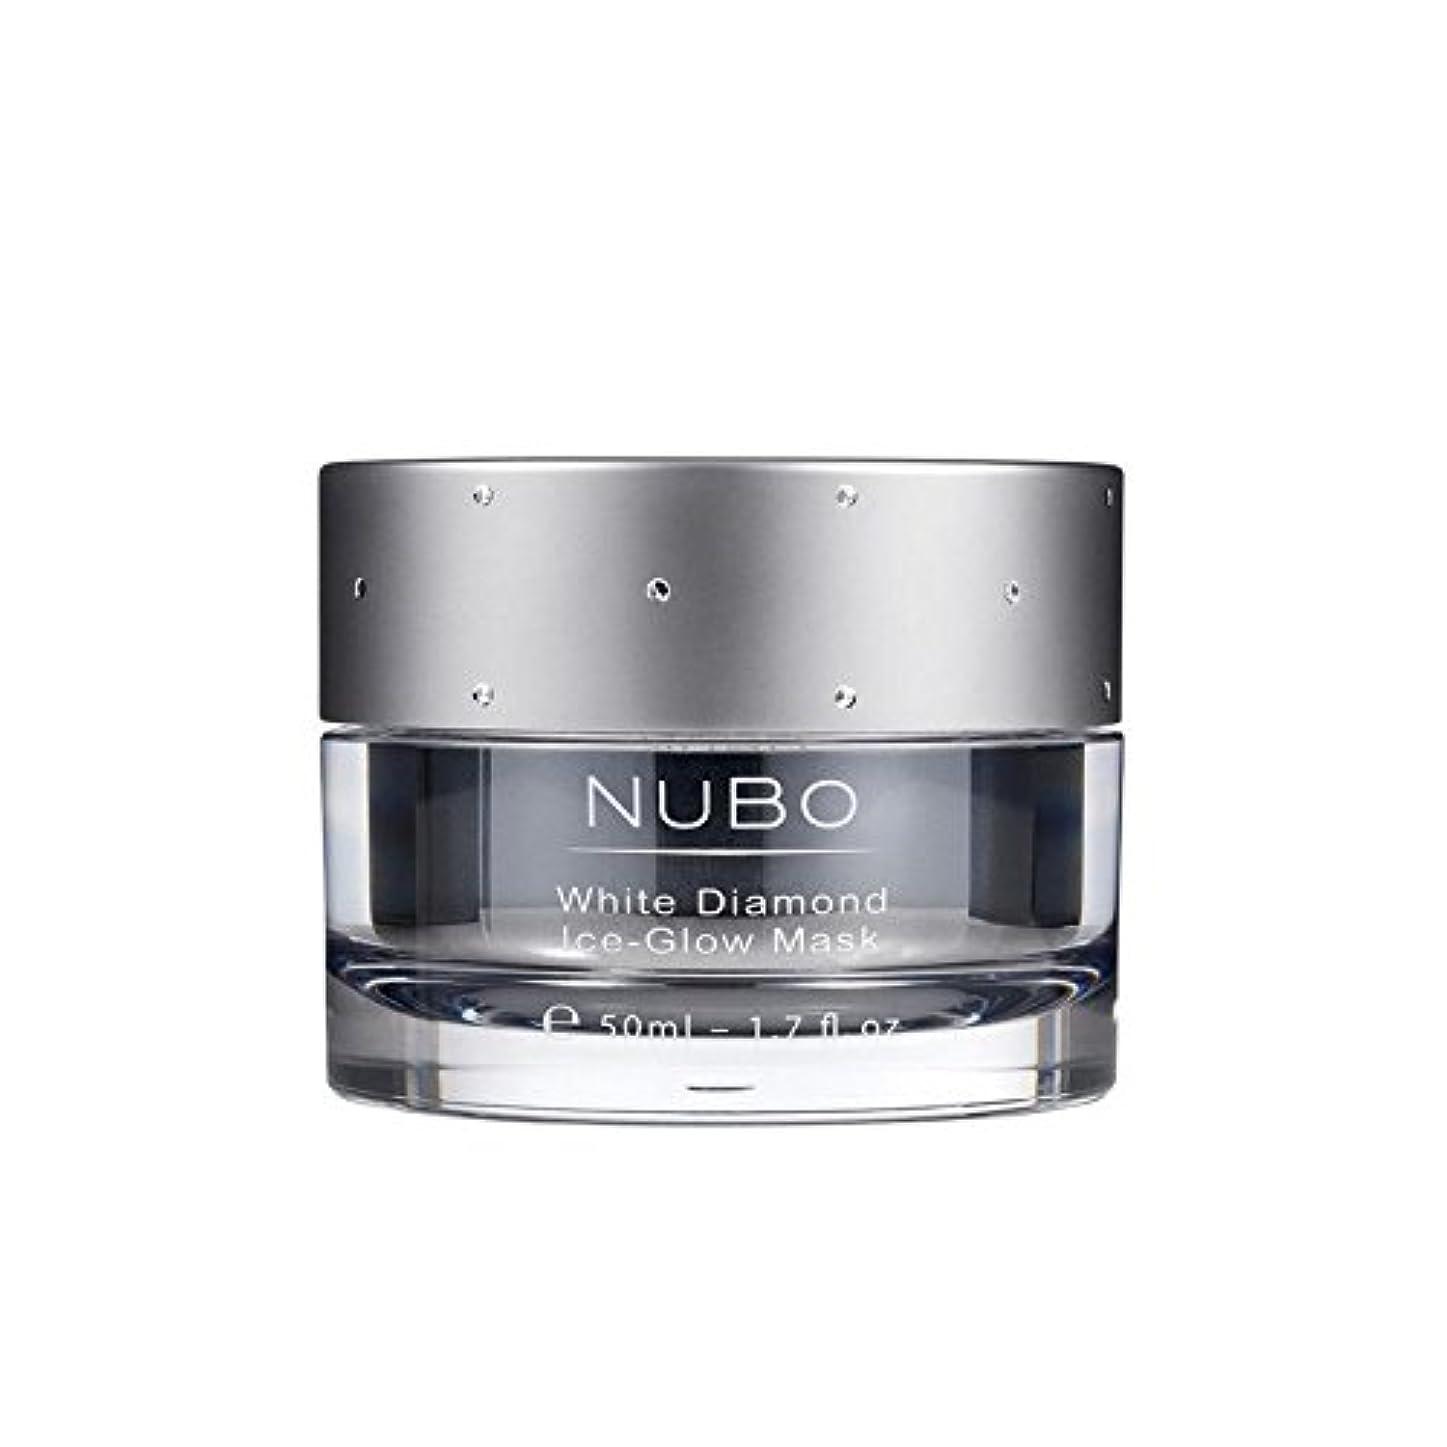 店員遠い再生Nubo White Diamond Ice Glow Mask 50ml - 白いダイヤモンドの氷のグローマスク50ミリリットル [並行輸入品]